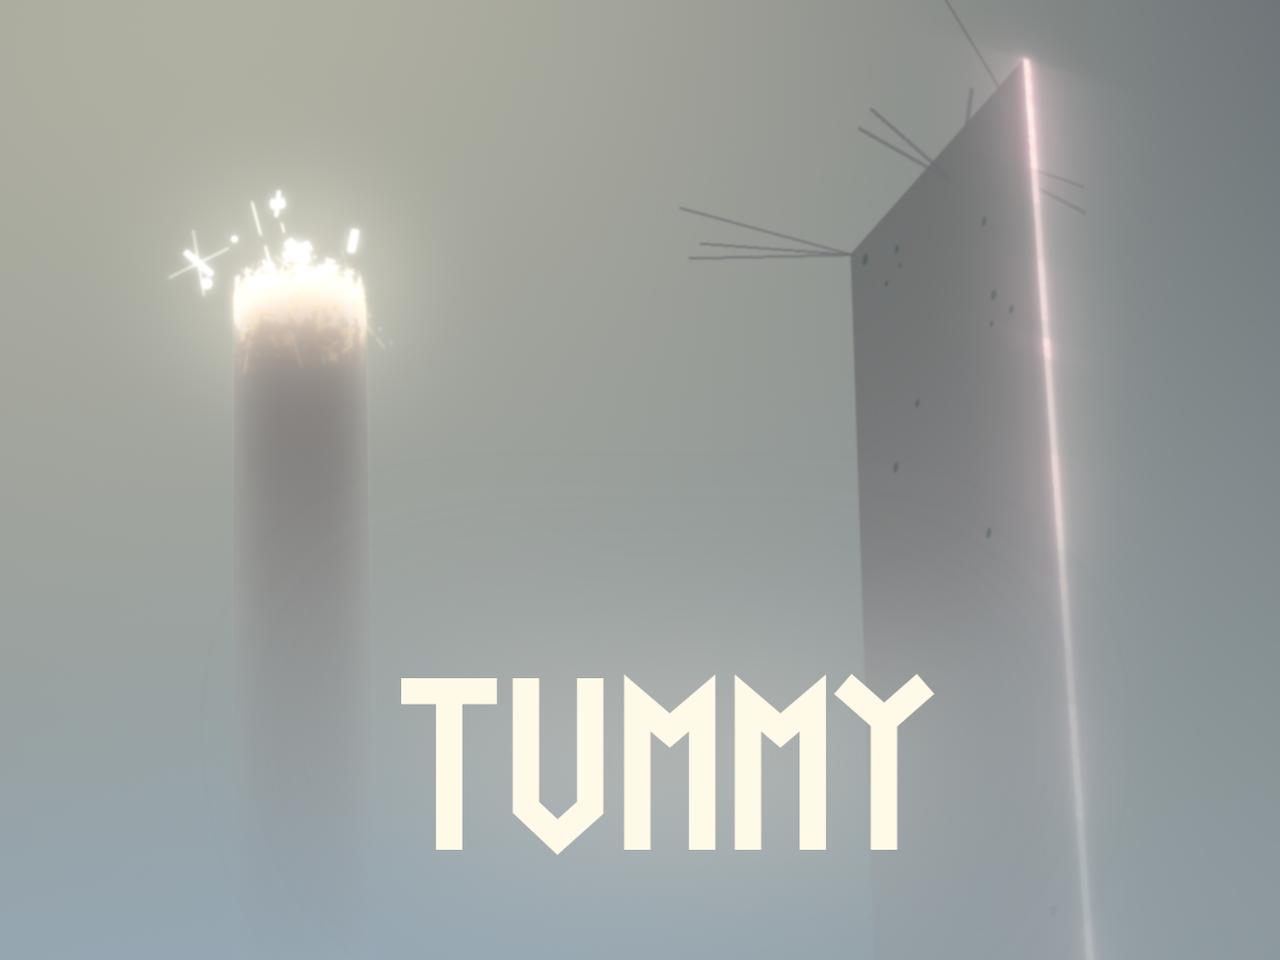 TUMMY [Animated Poem]